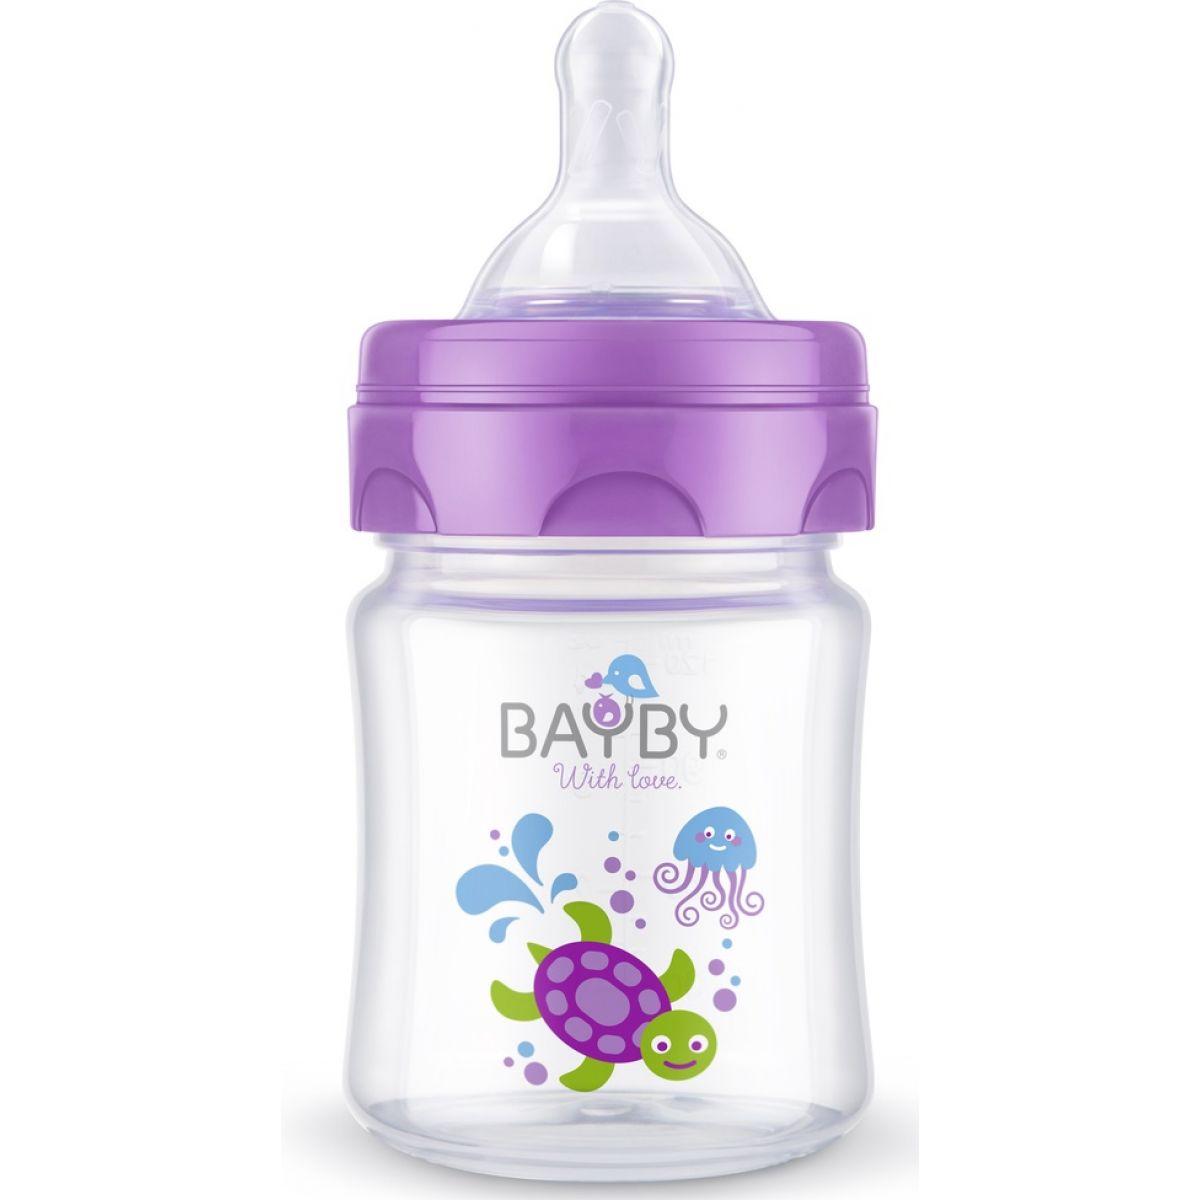 Bayby BFB dojčenská fľaška 120ml